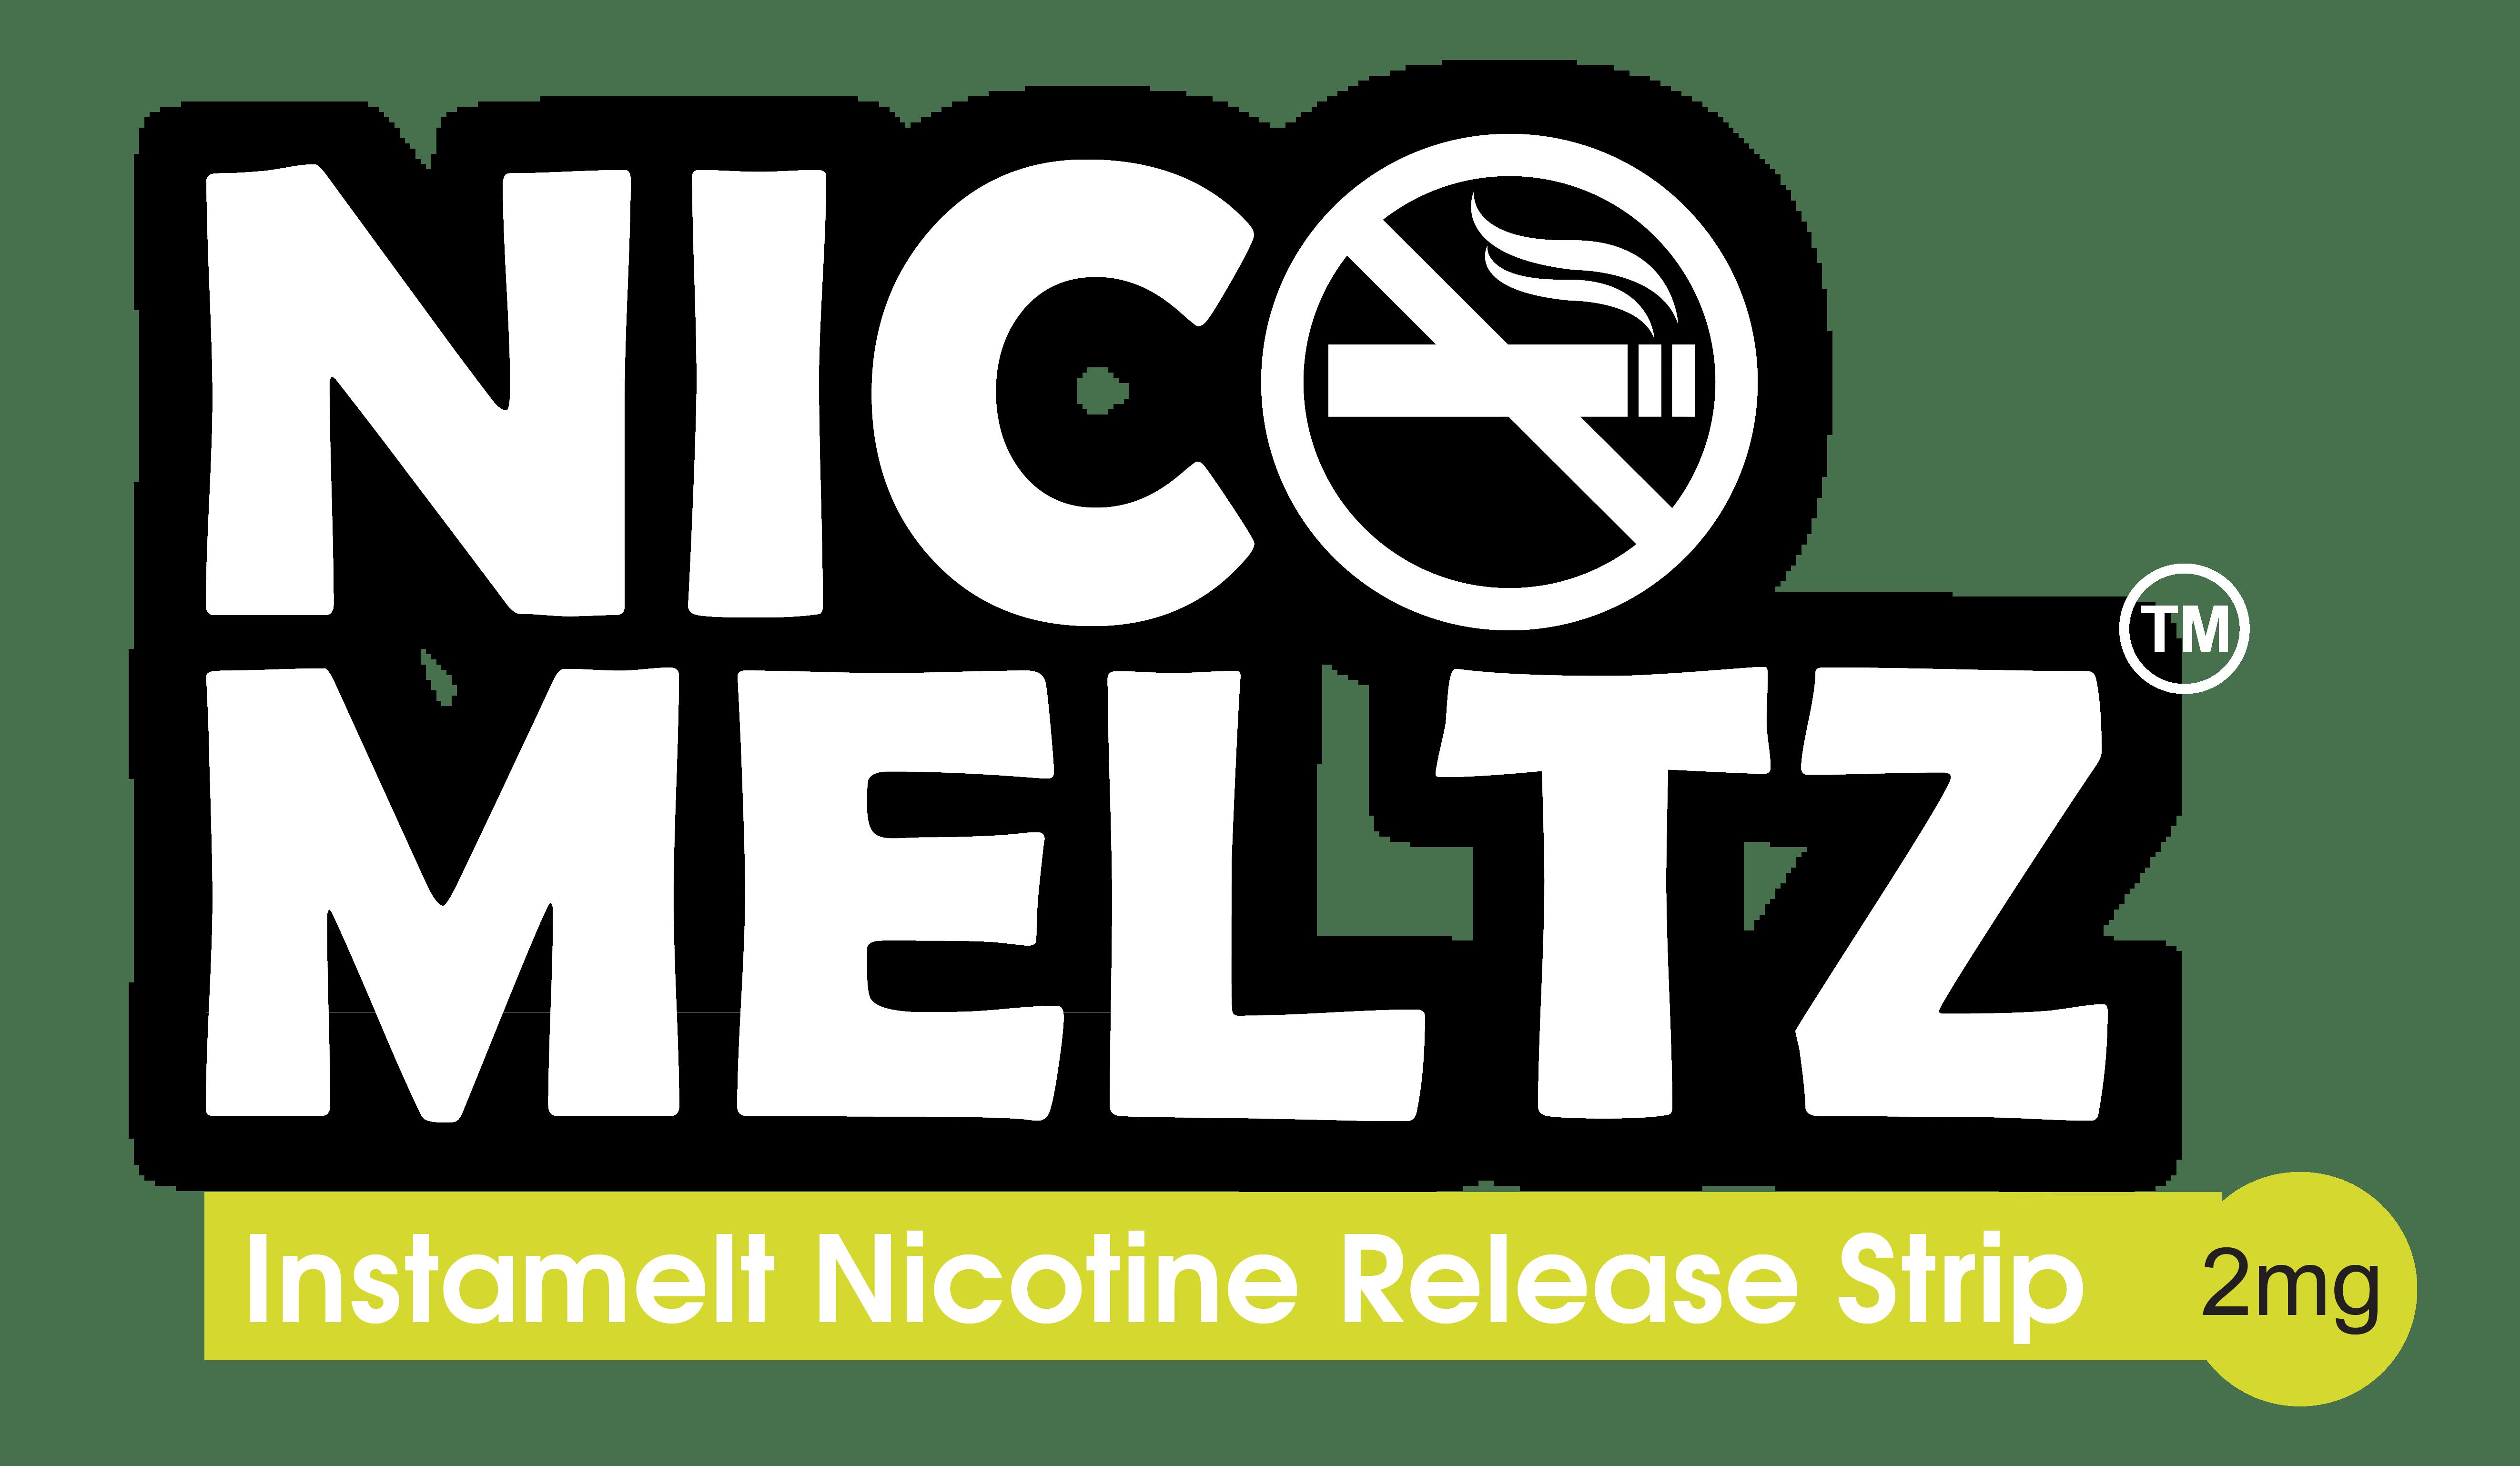 Nico Meltz